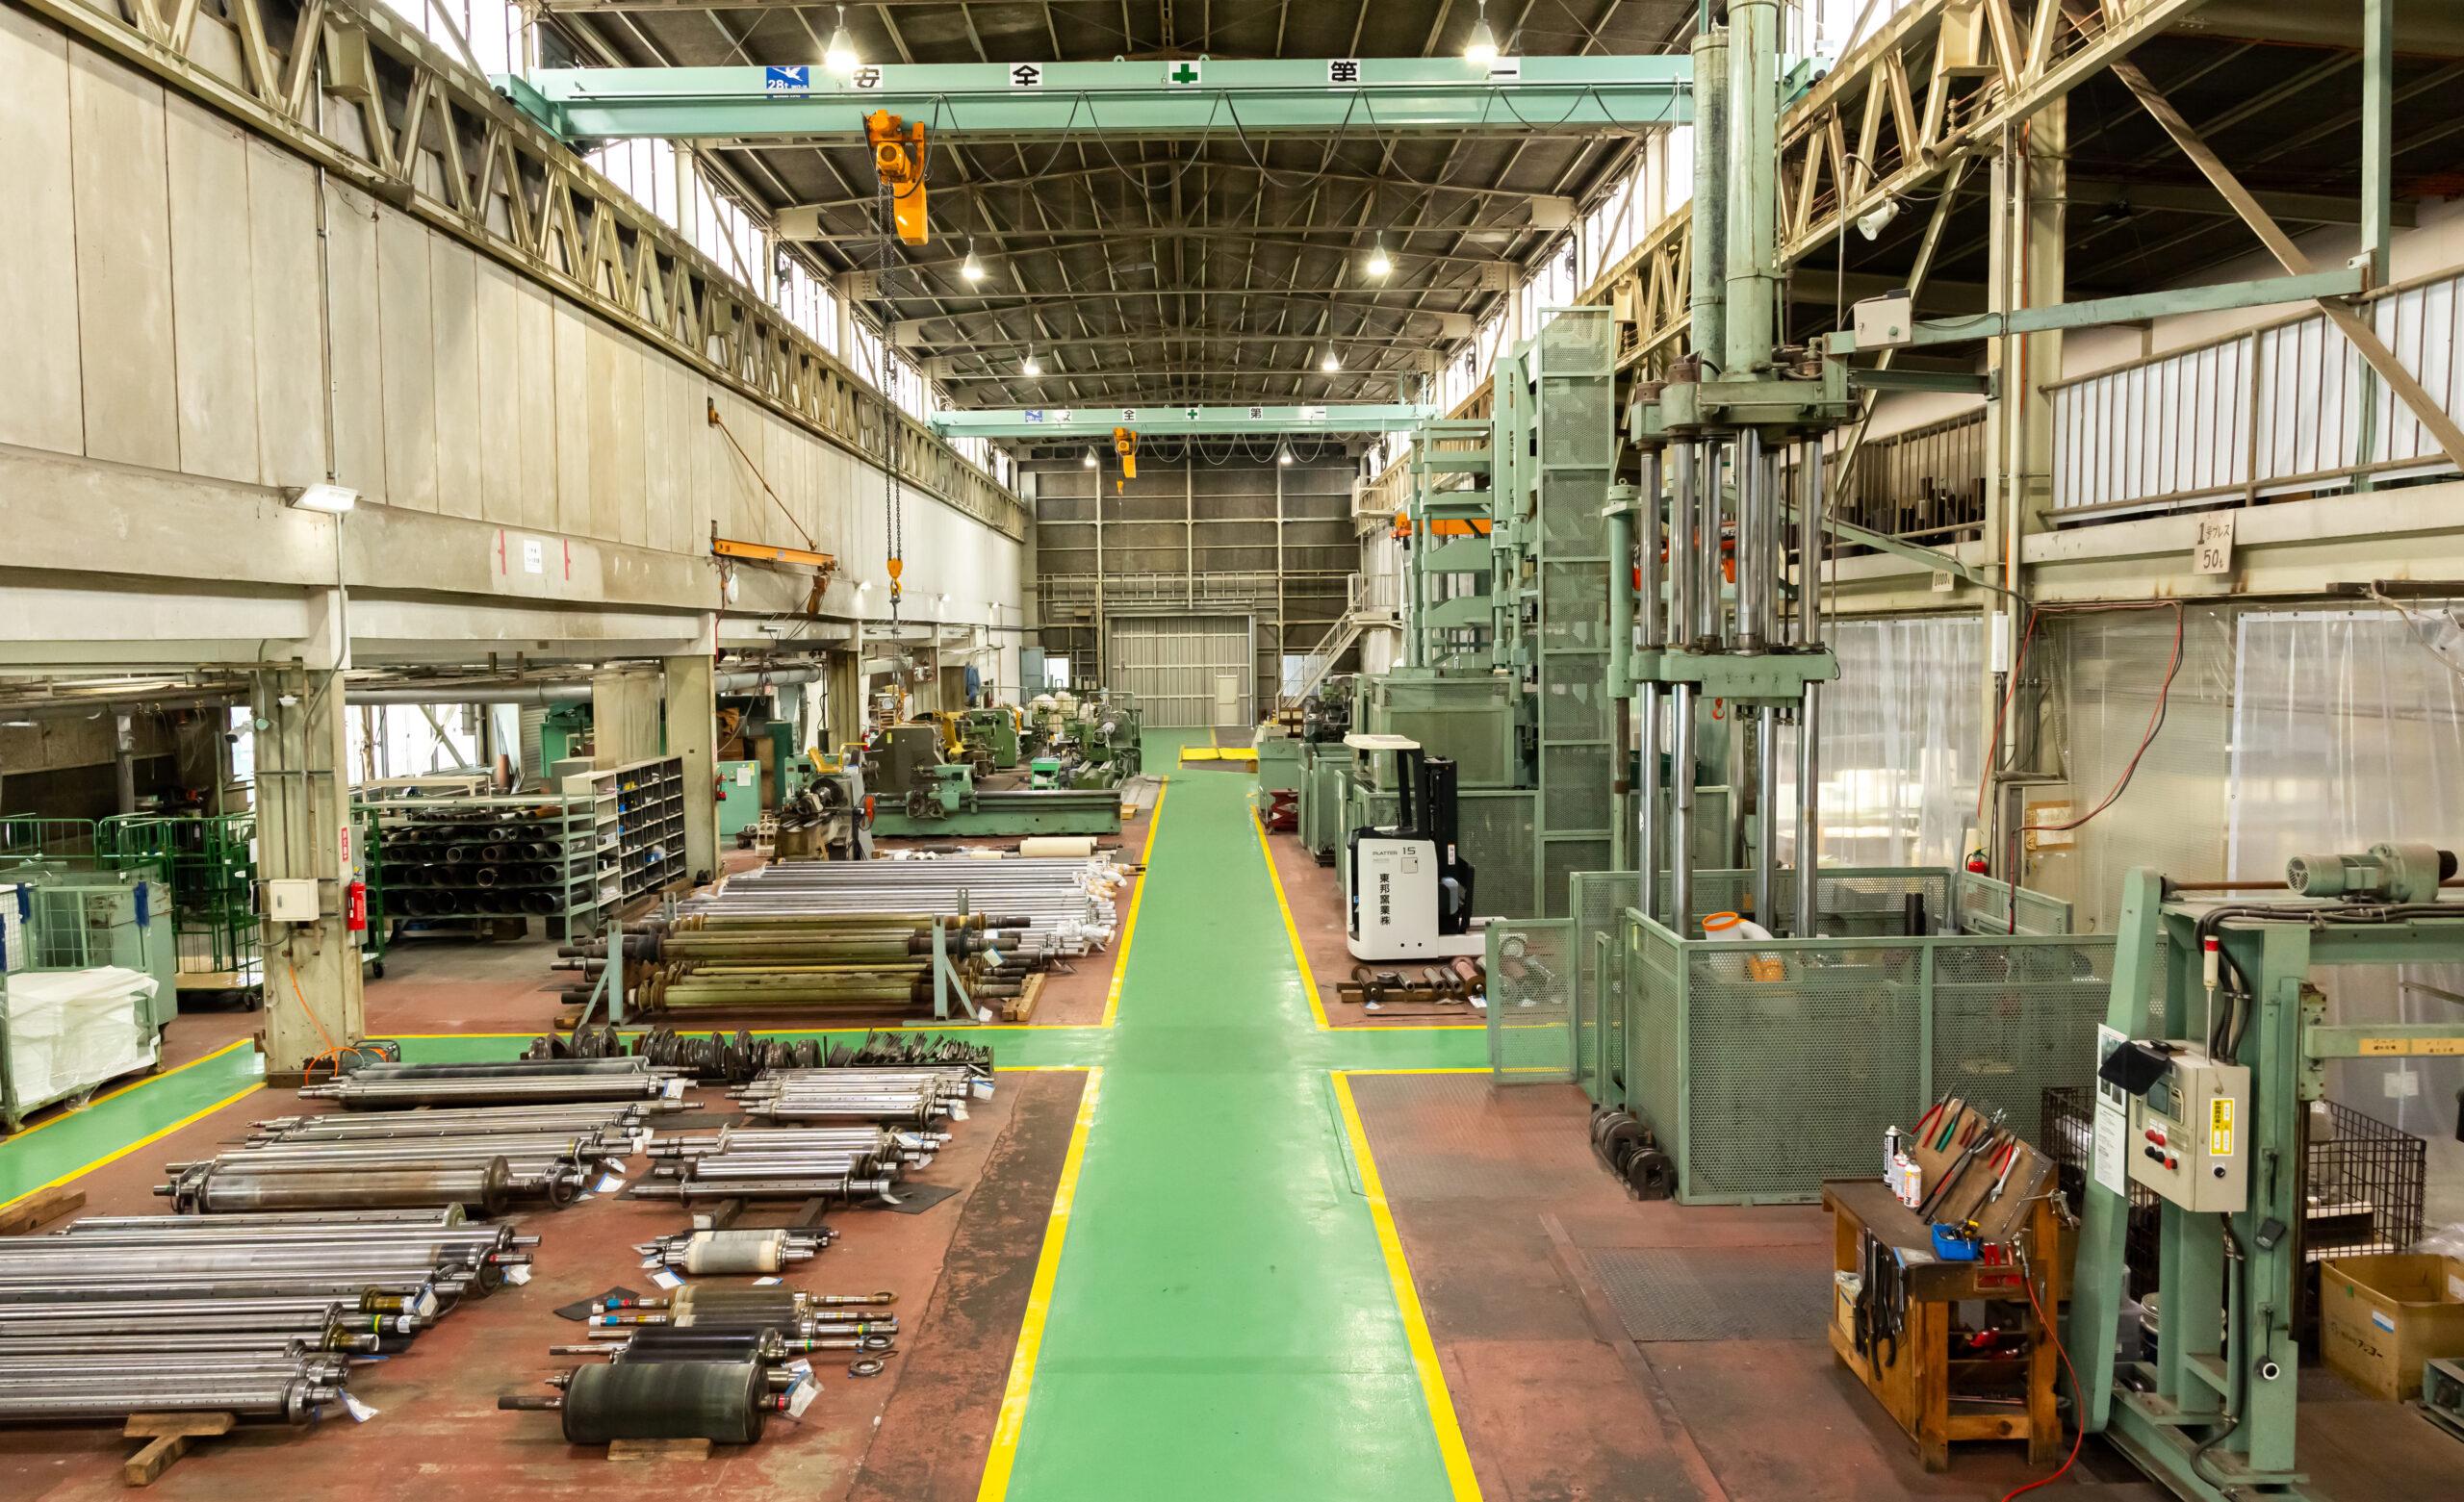 東邦窯業株式会社の工場内